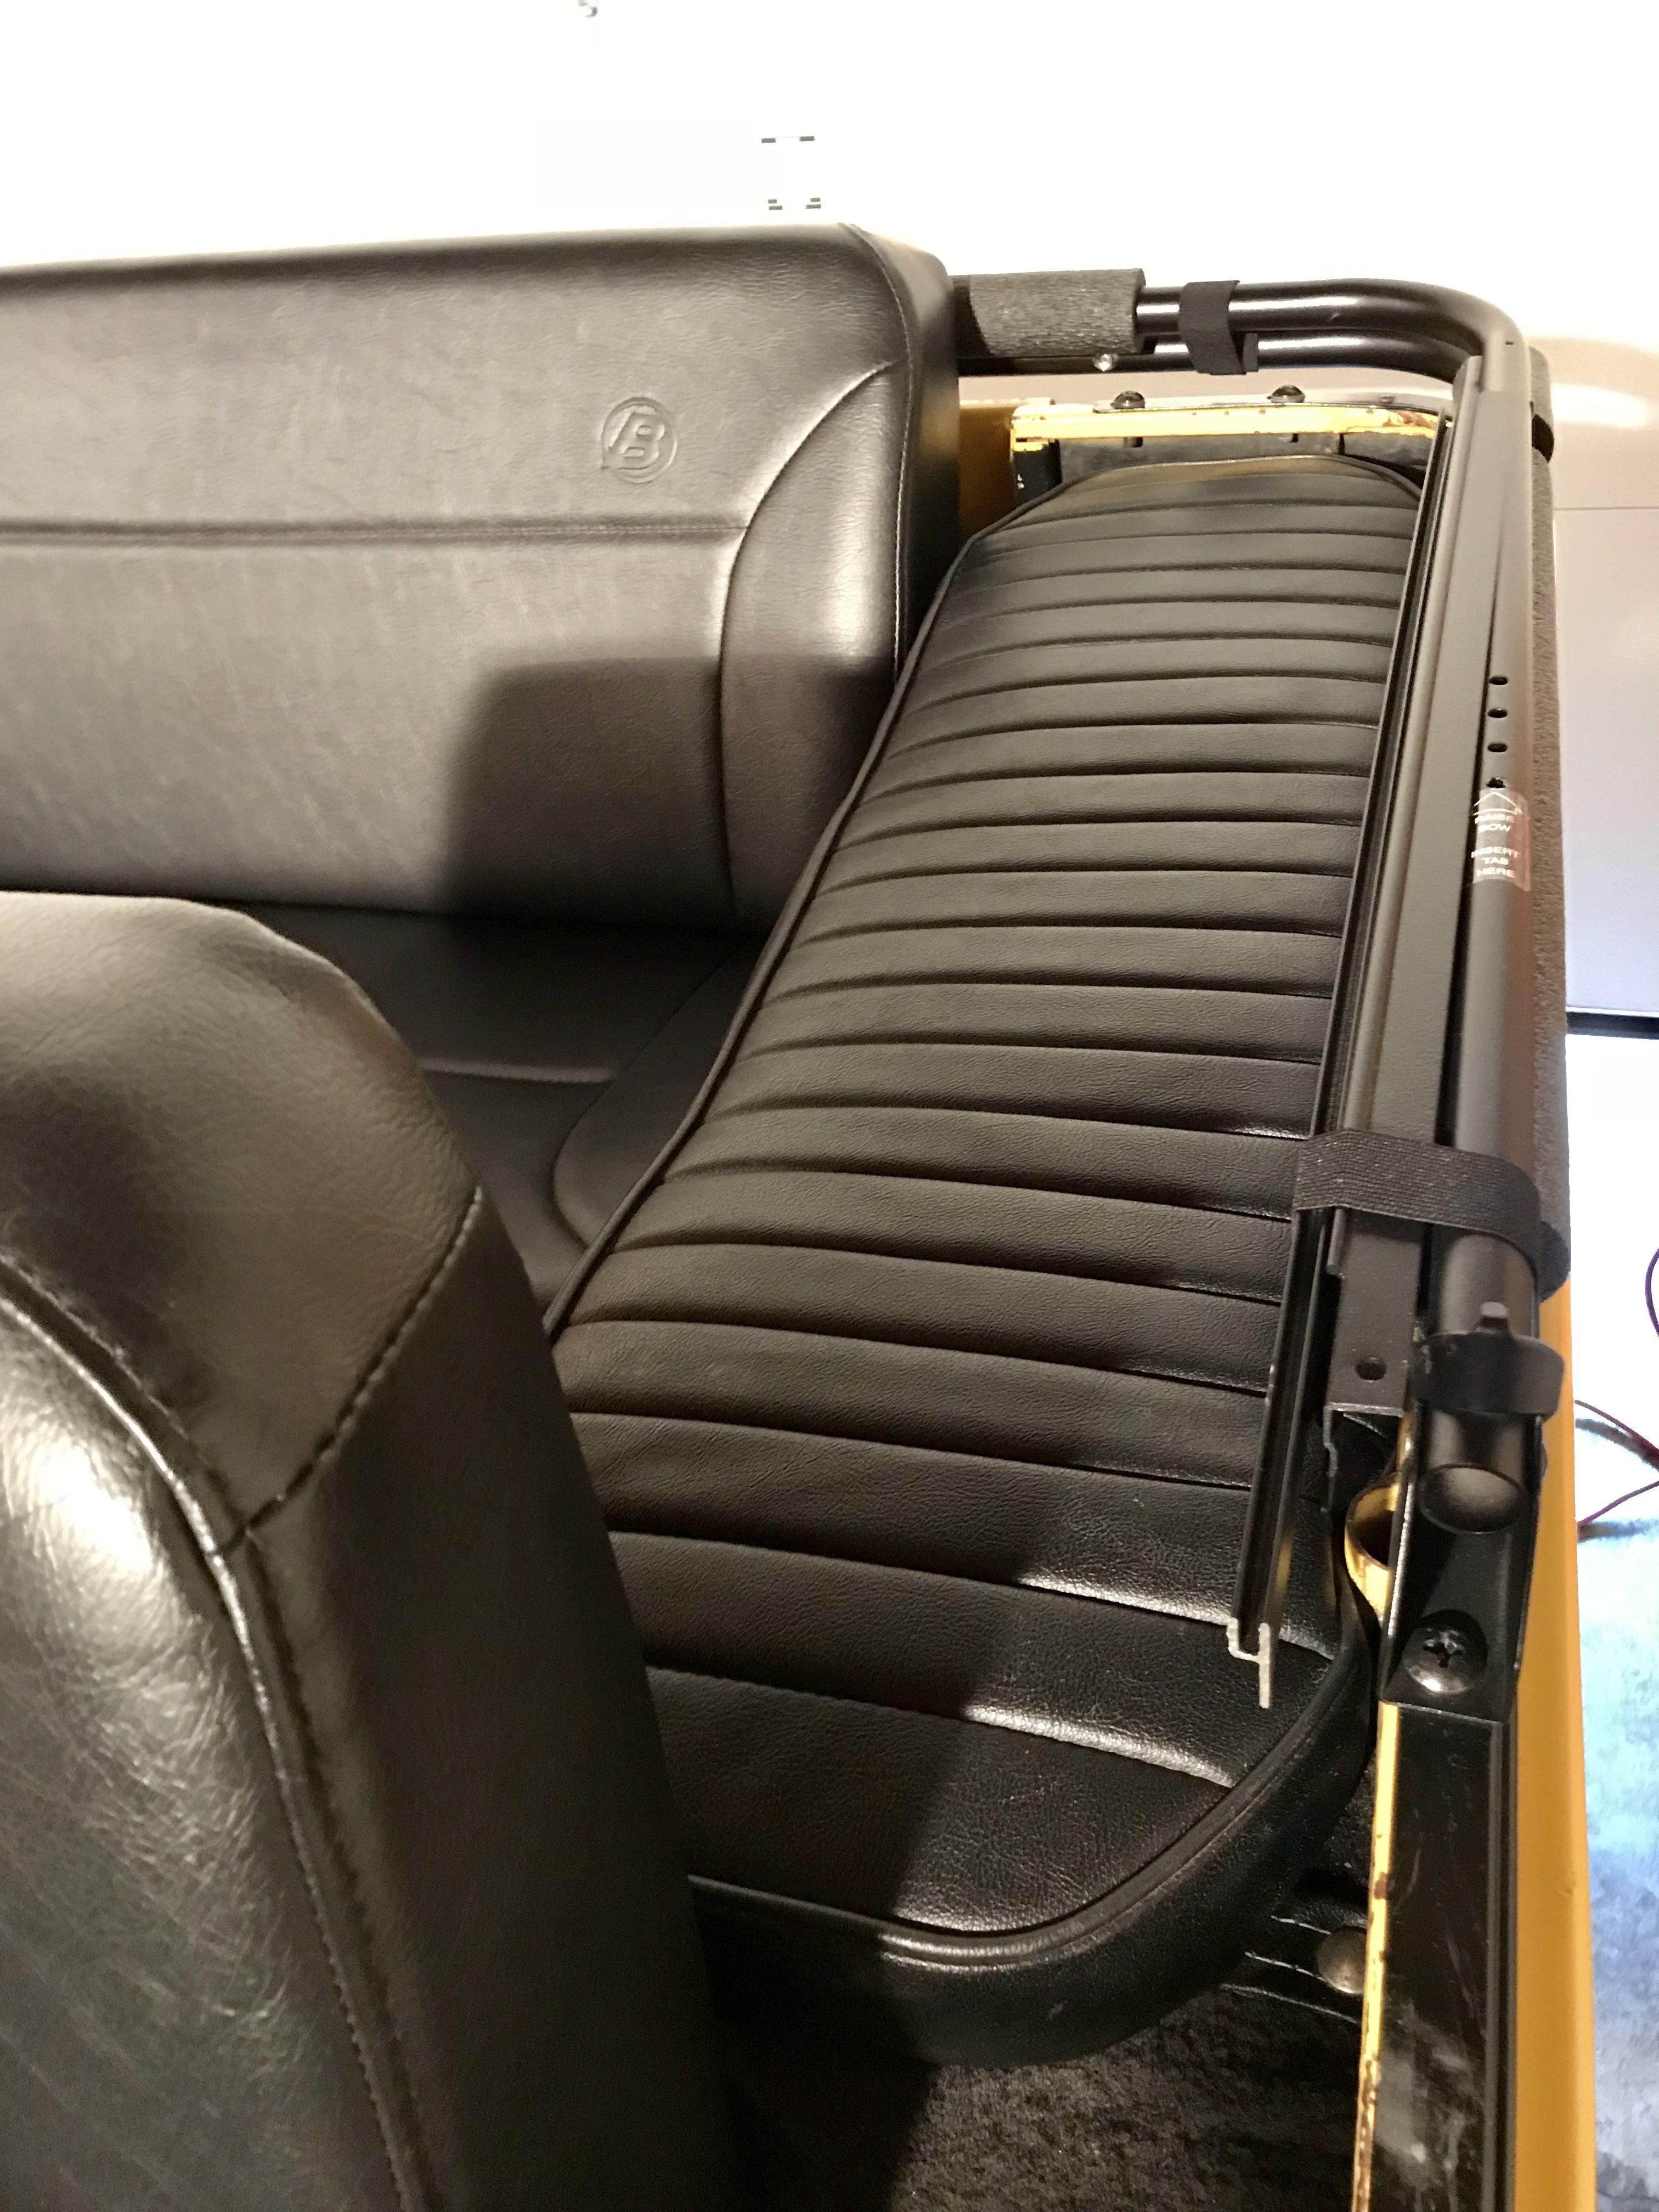 Fenderwell Seat Cushions Old Jeep Jeep Cj5 Jeep Cj7